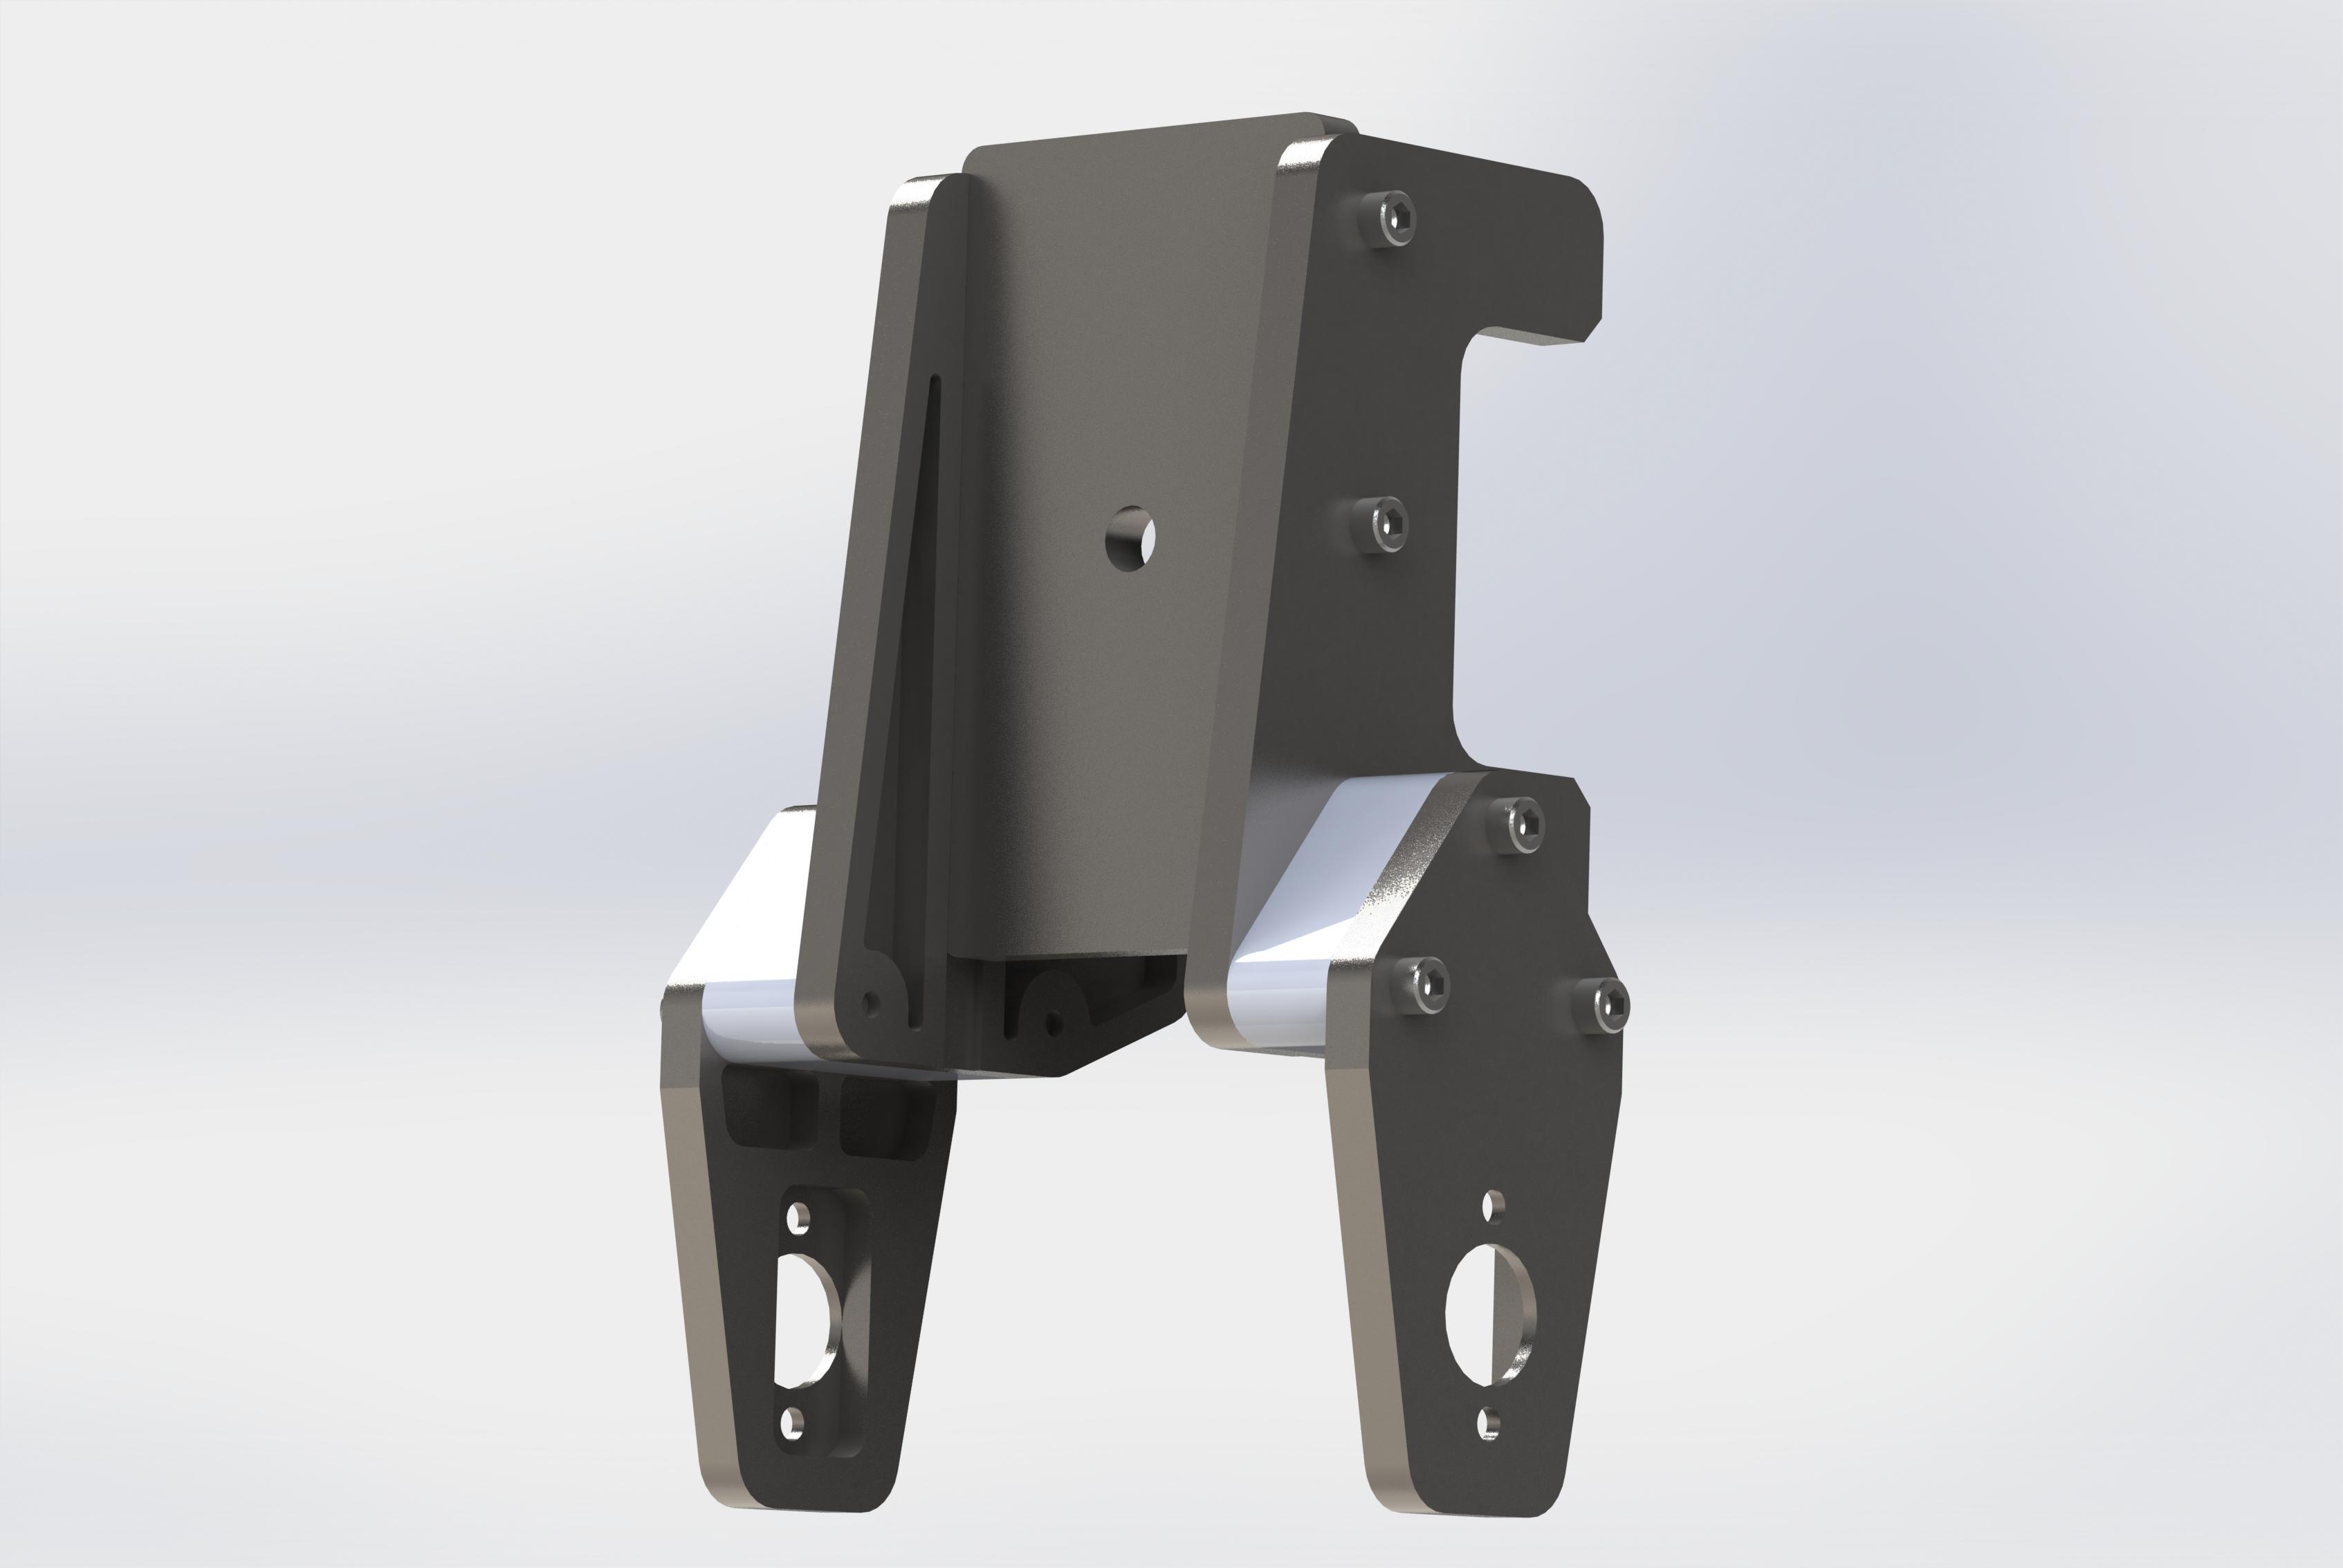 Technocrane-gimbal adapter-v2-2